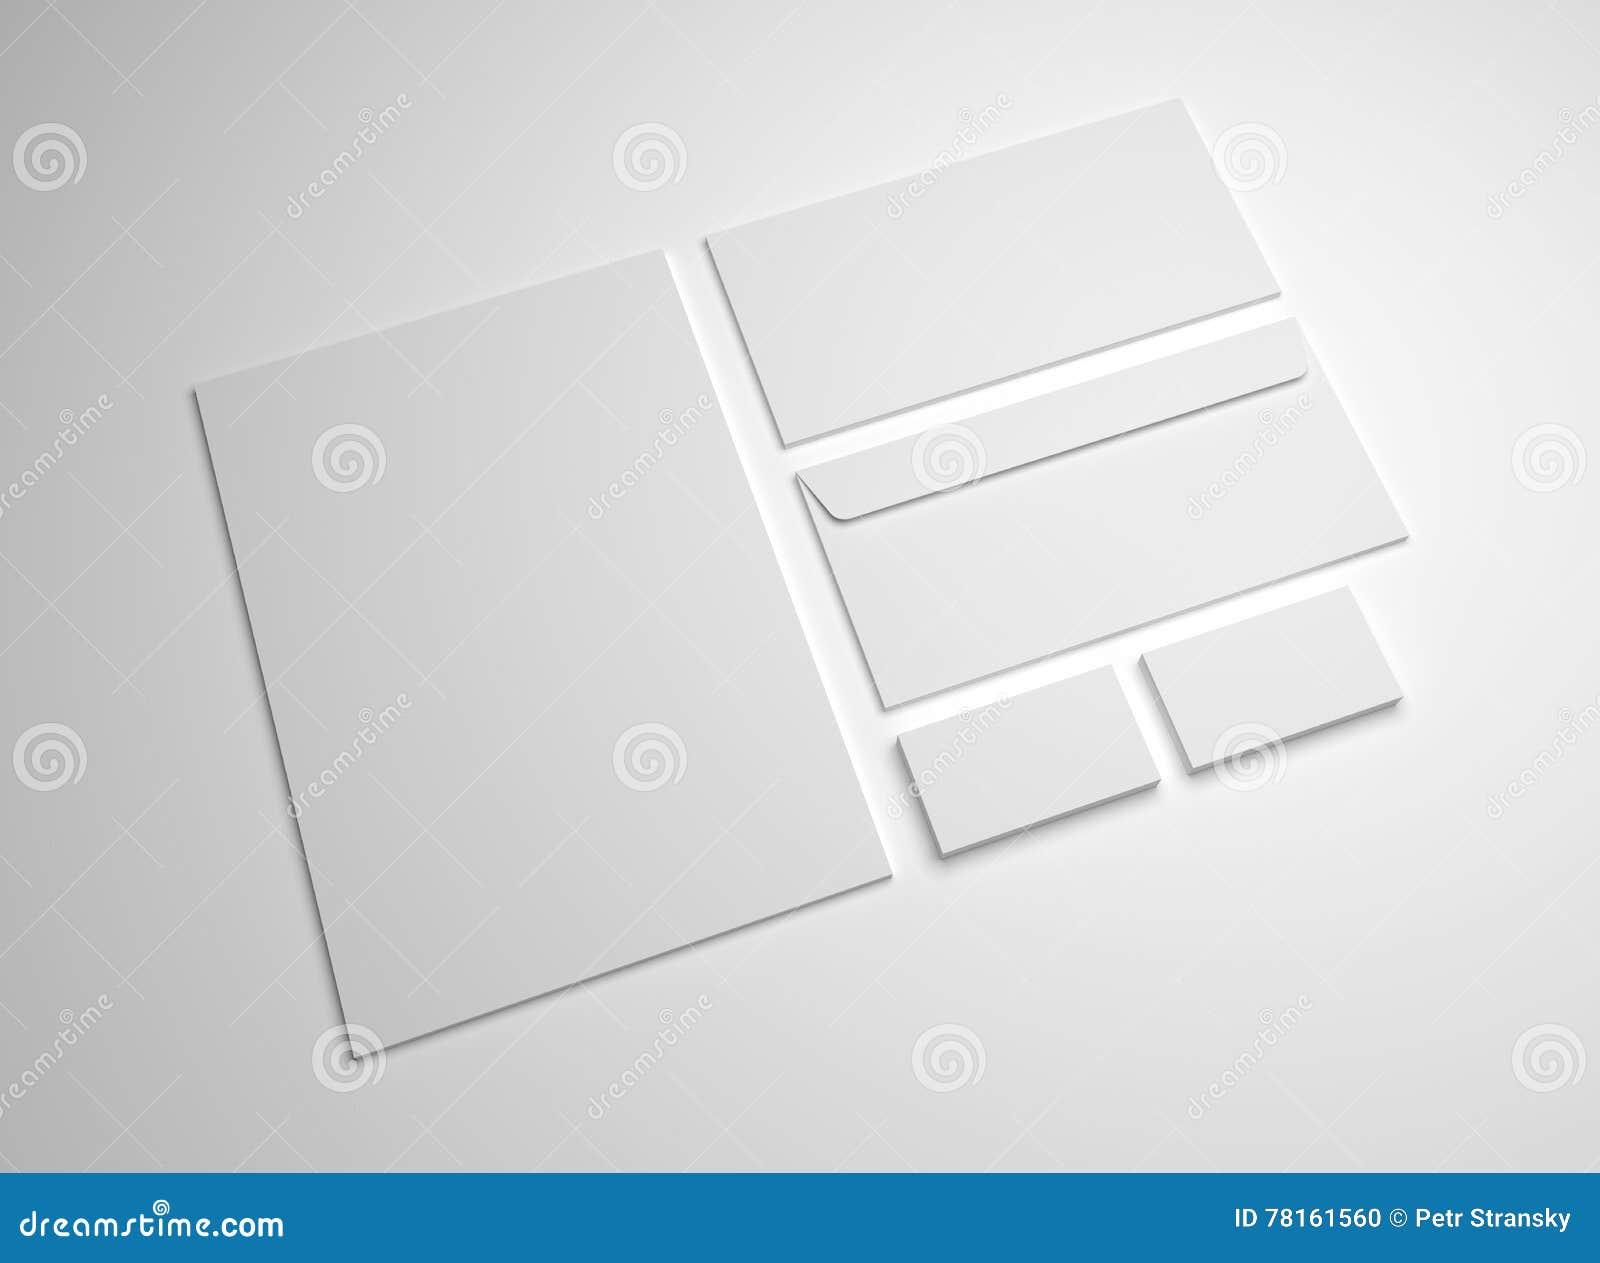 Blank 3d Illustration Mockup Letter, Business Cards And Envelopes ...